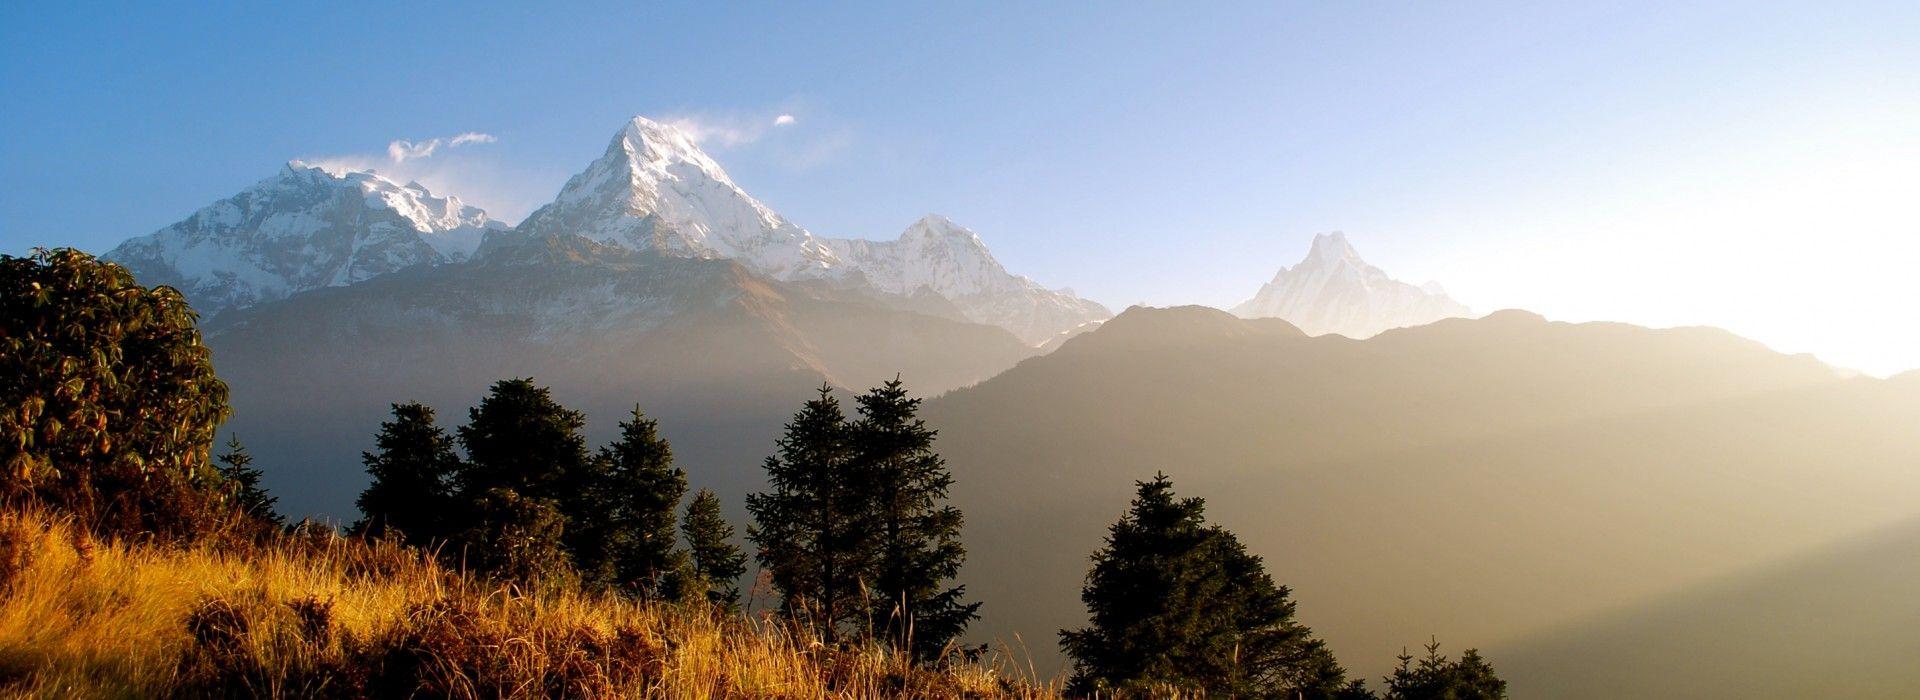 Trekking Tours in Tamang Heritage trek